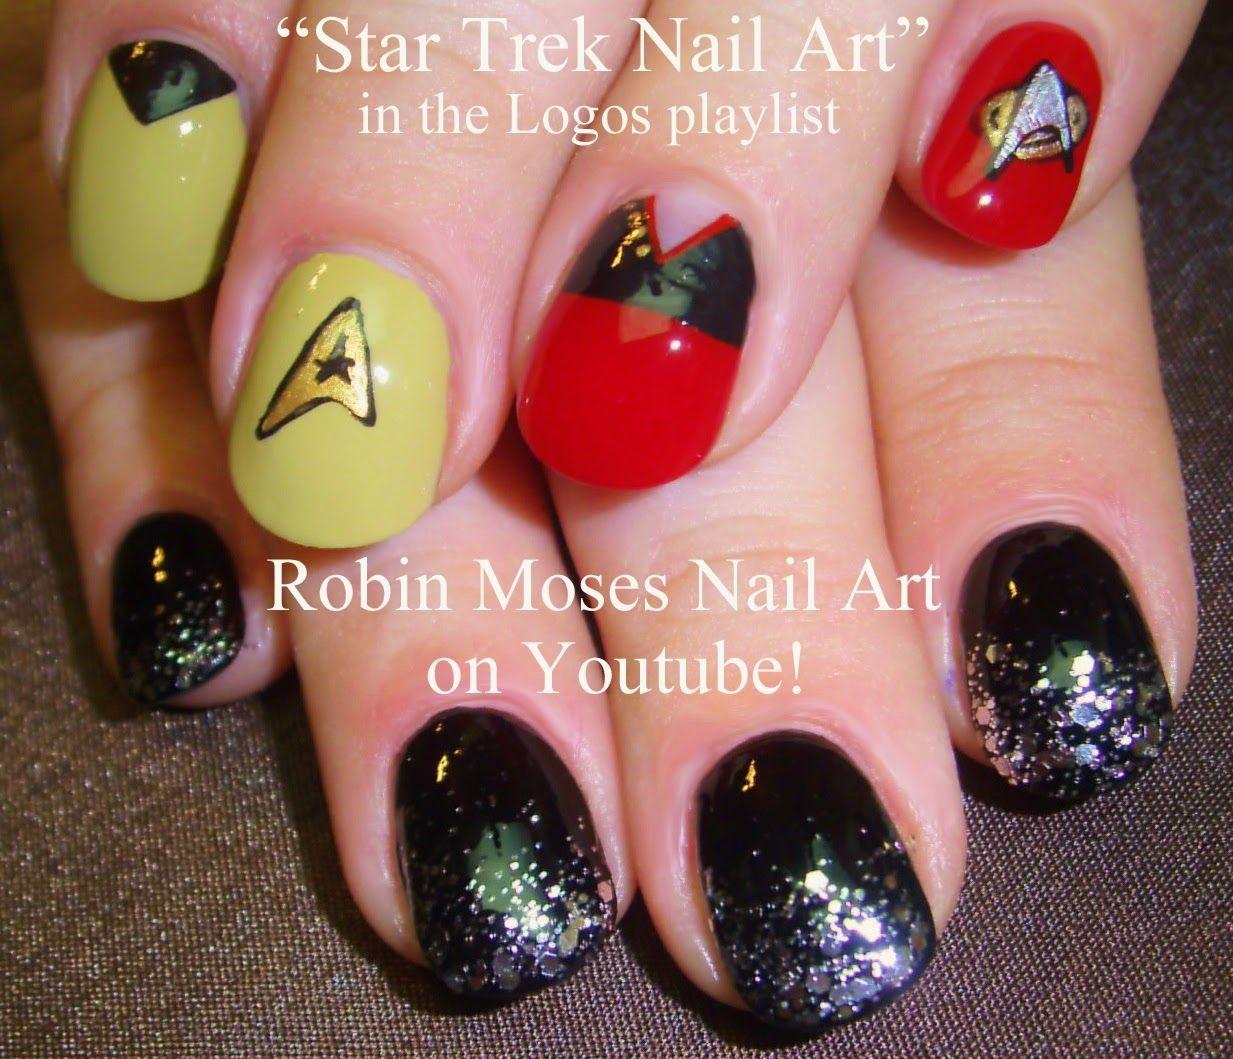 Robin moses nail art nails pinterest robin moses